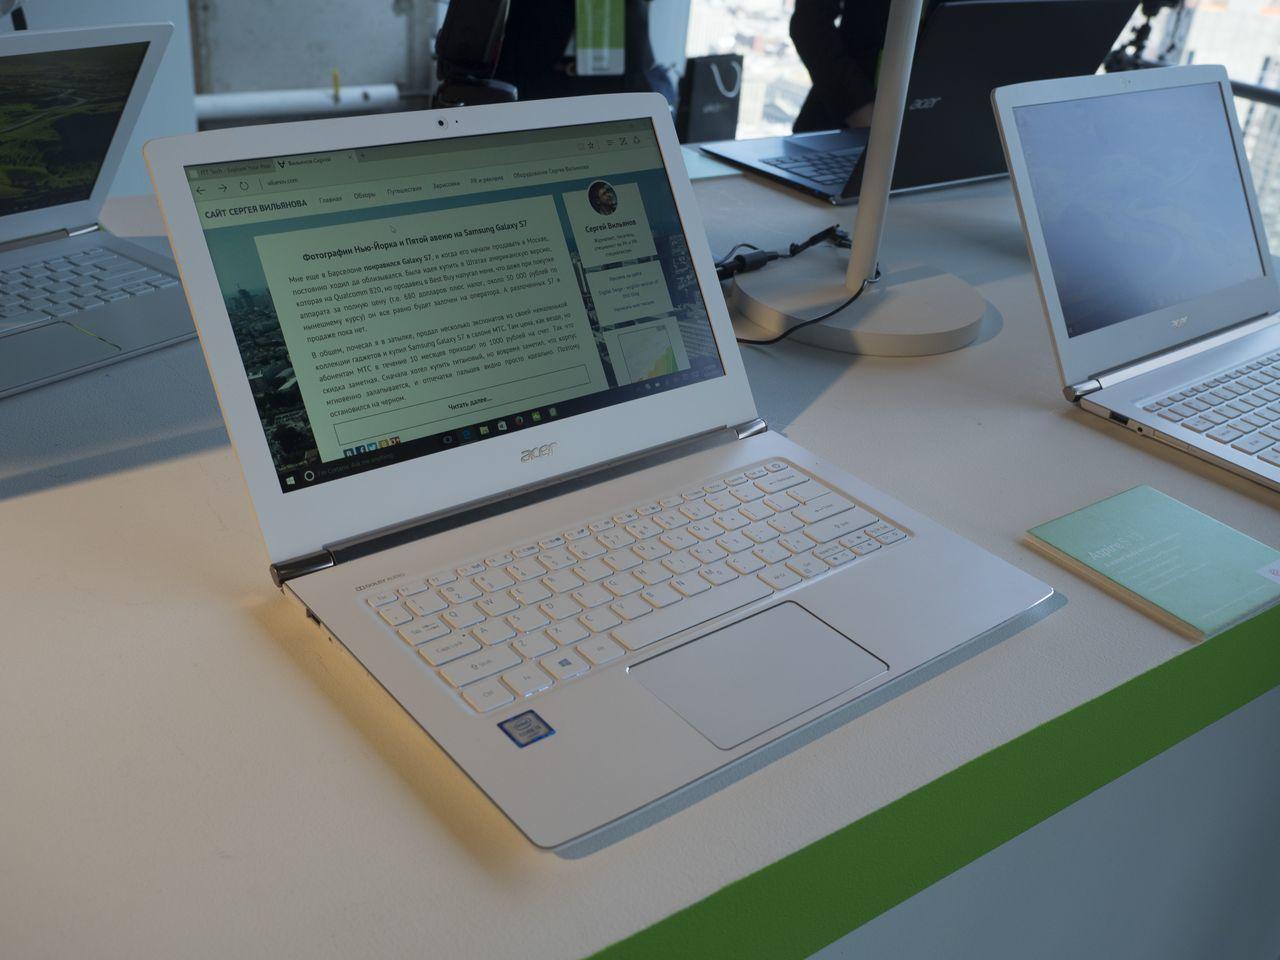 Next@Acer: Самый мощный игровой ноутбук с воздушным охлаждением, велокомпьютер, Chromebook для работы и другие новинки - 43